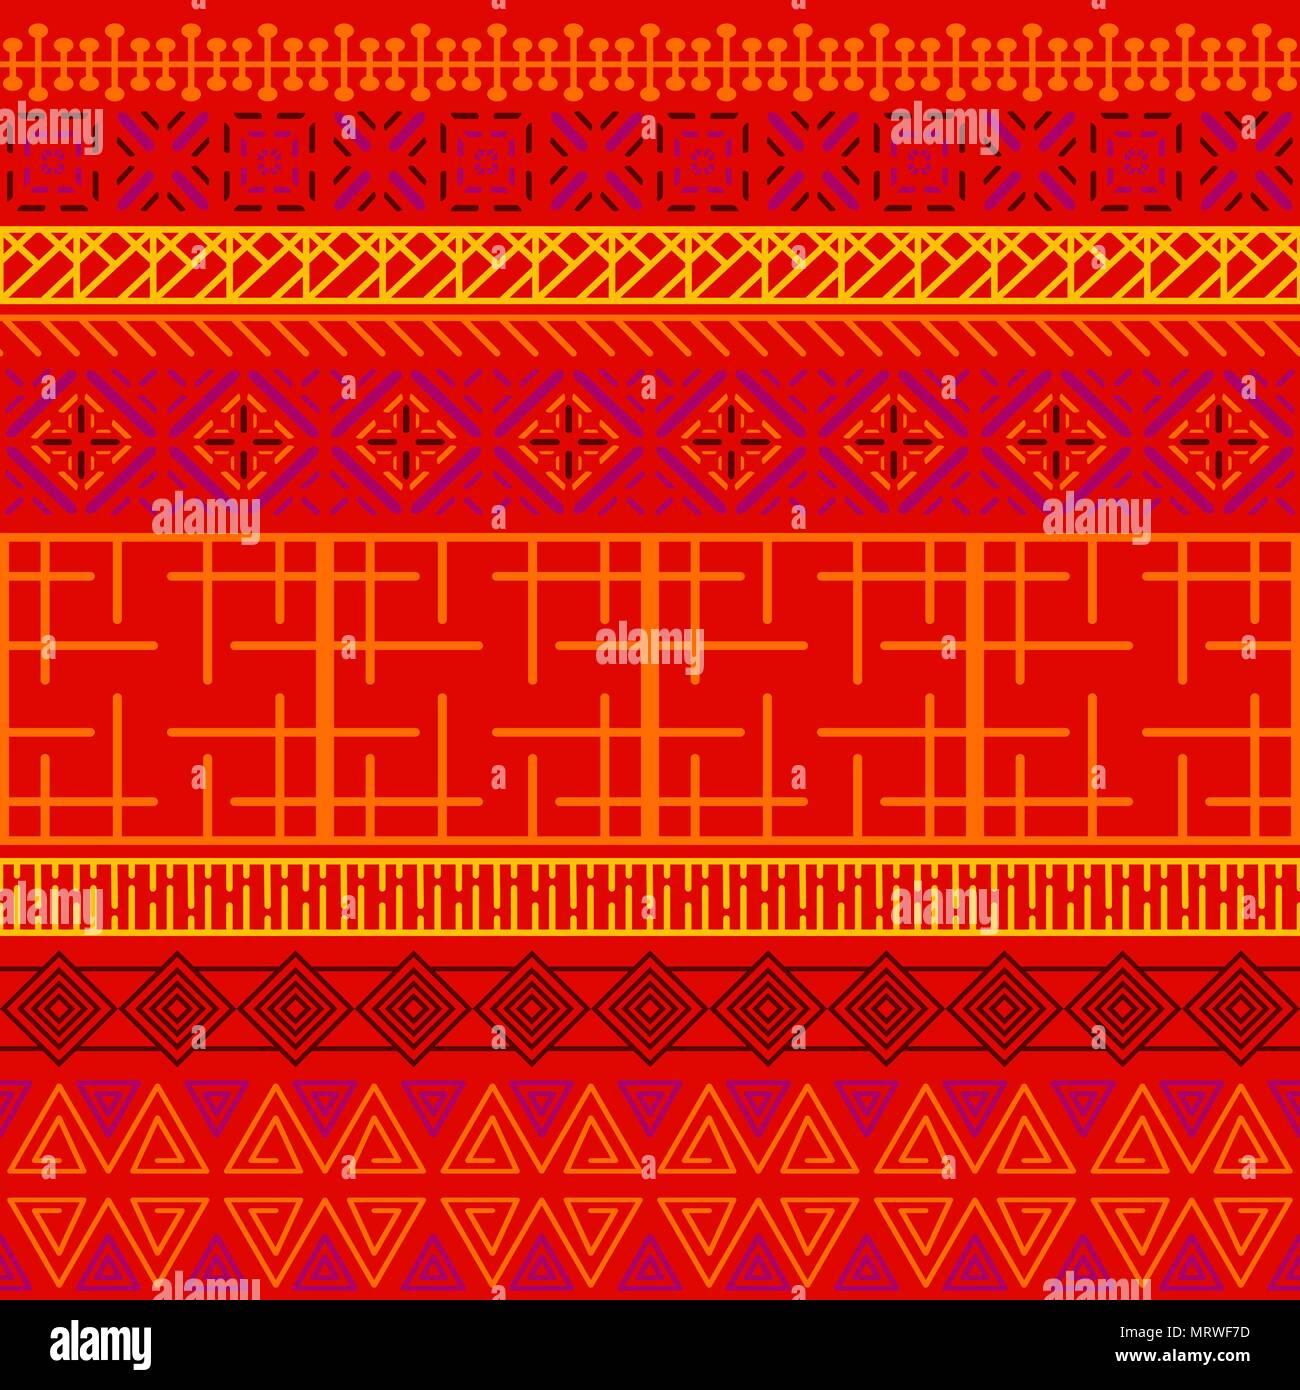 tribal ethnischen nahtlose muster abstrakte geometrische ornamente mit afrikanischen motiven. Black Bedroom Furniture Sets. Home Design Ideas